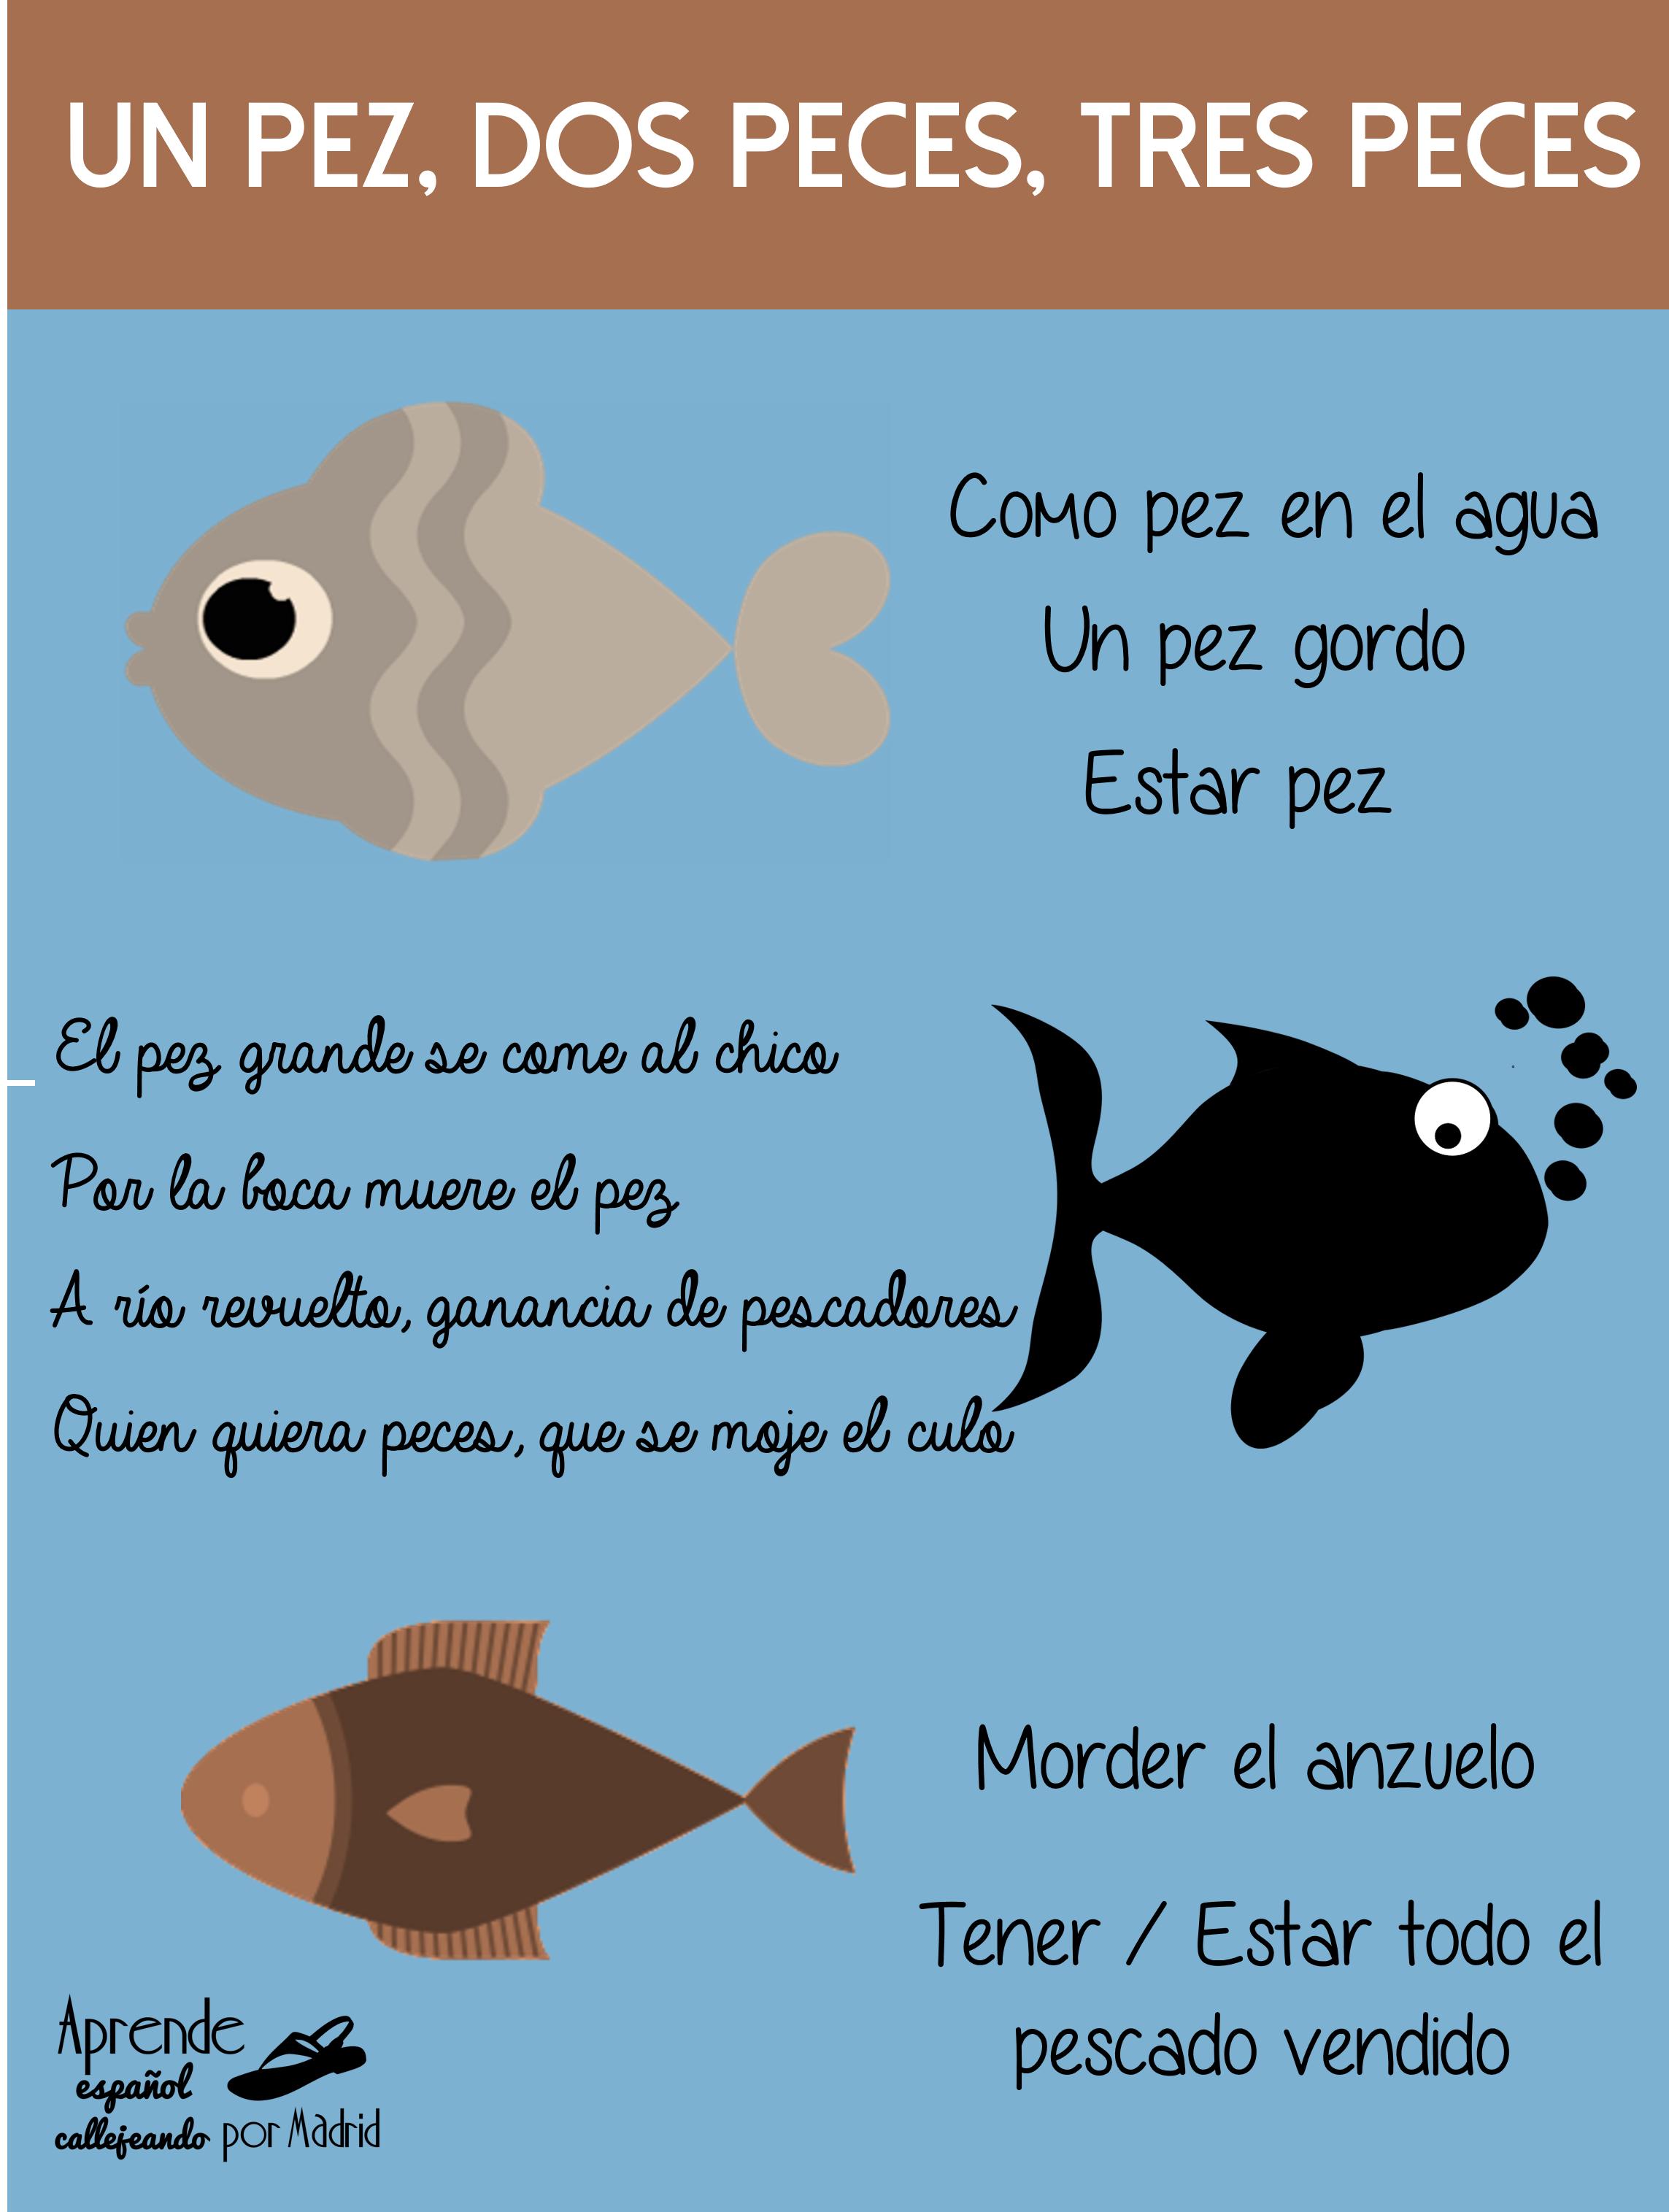 Aprende español callejeando por Madrid: Un pez, dos peces, tres ...